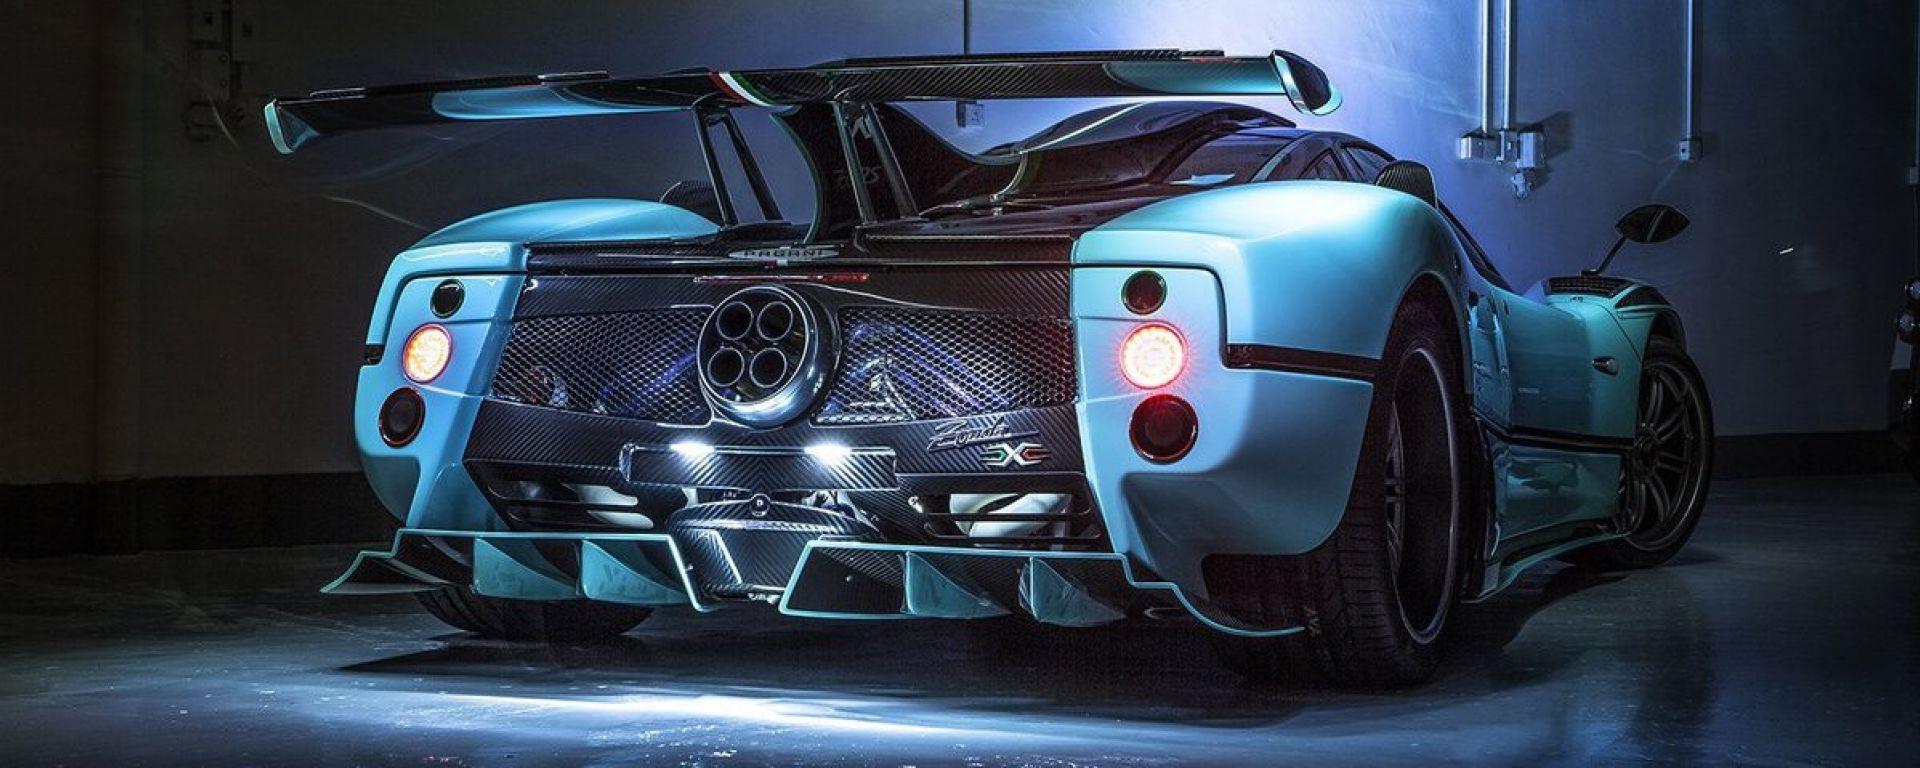 Pagani Zonda 760 RSJX